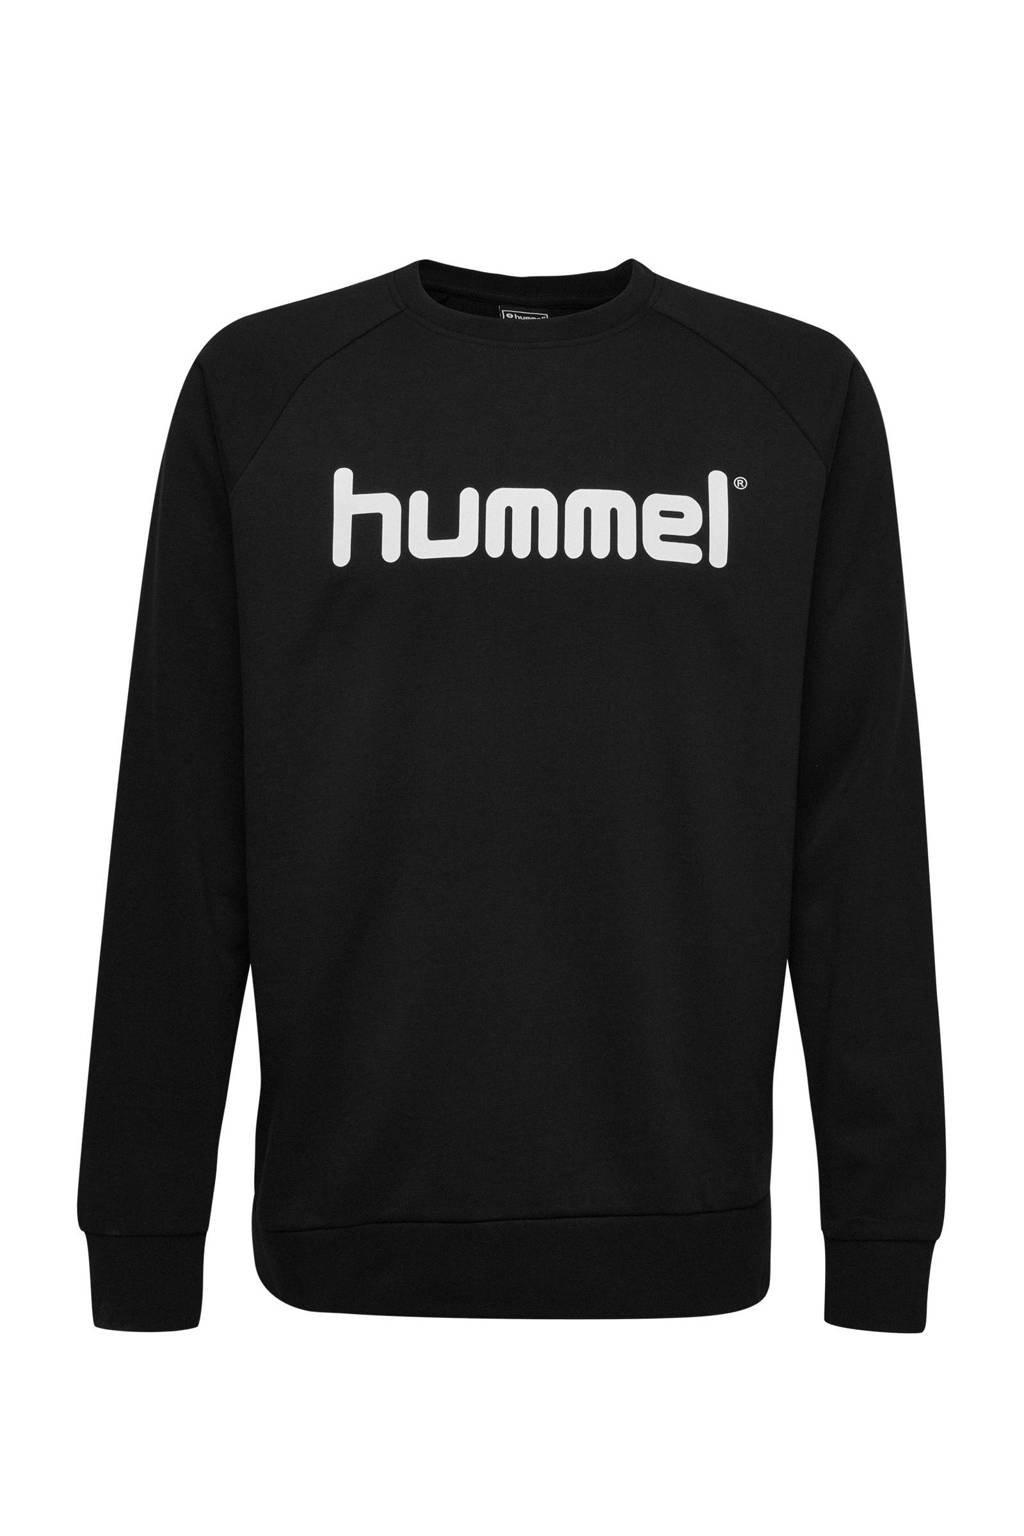 hummel   sweater zwart, Zwart